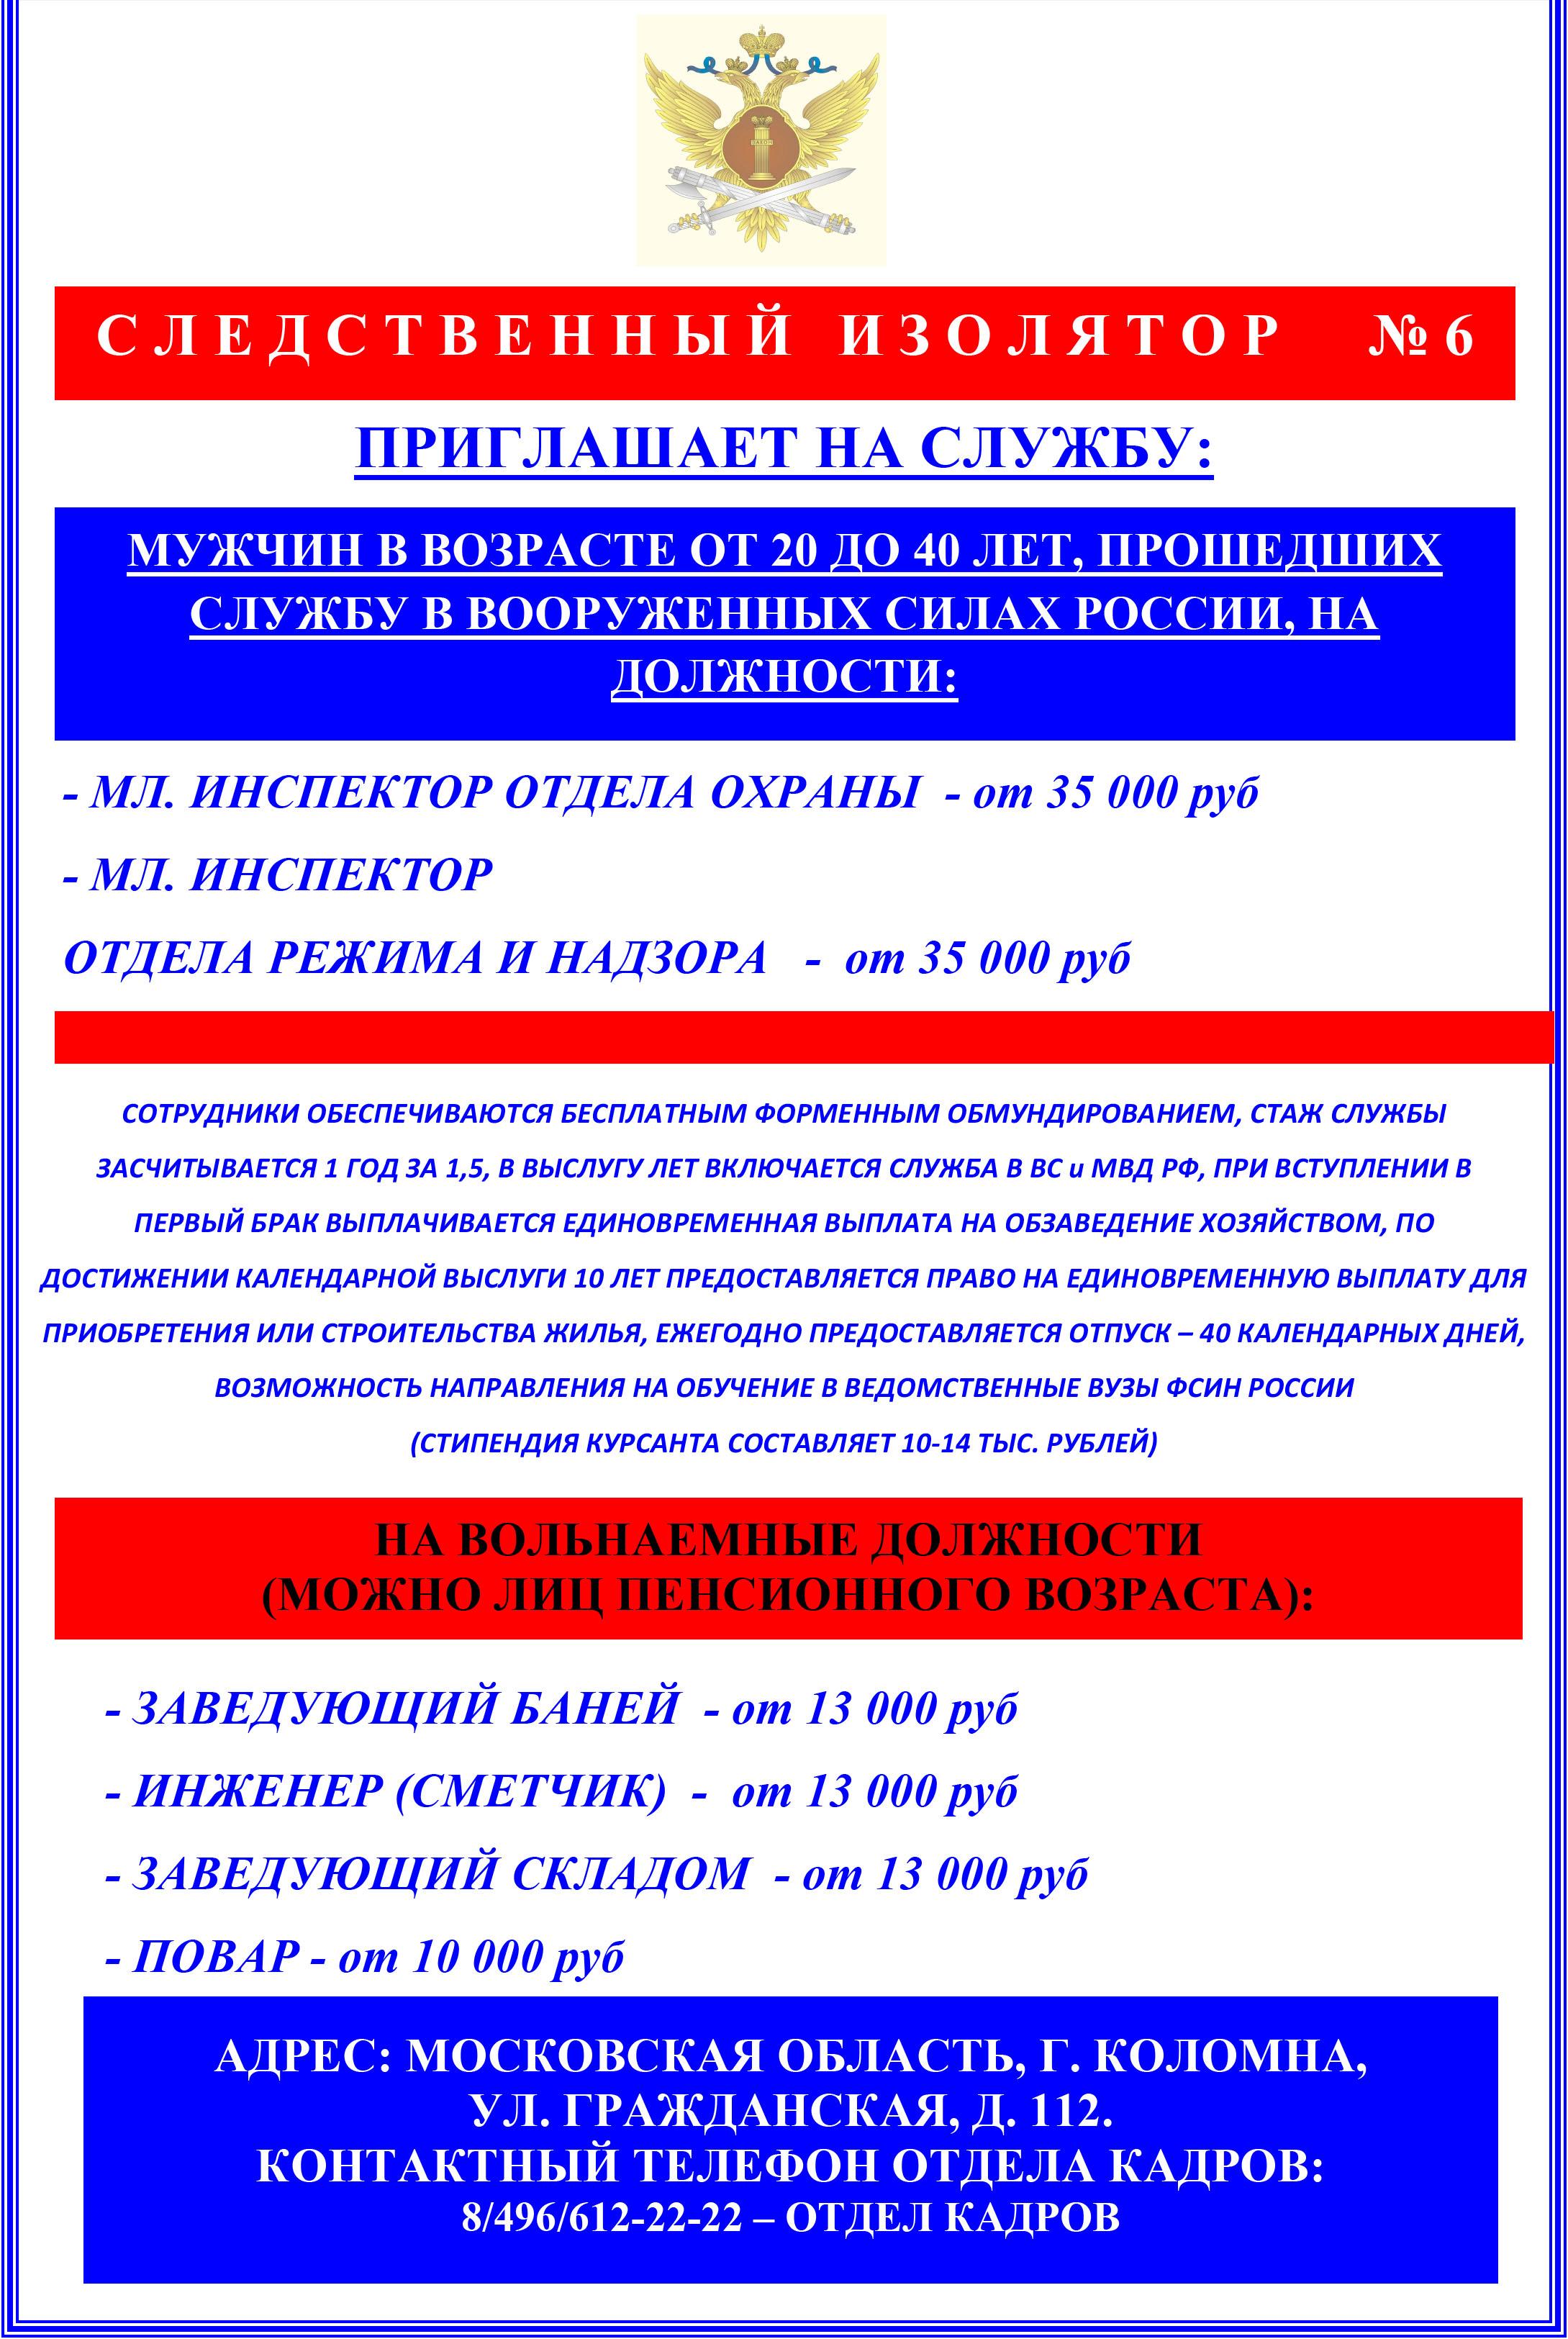 О приёме на службу в ФКУ СИЗО-6 УФСИН России по Московской области